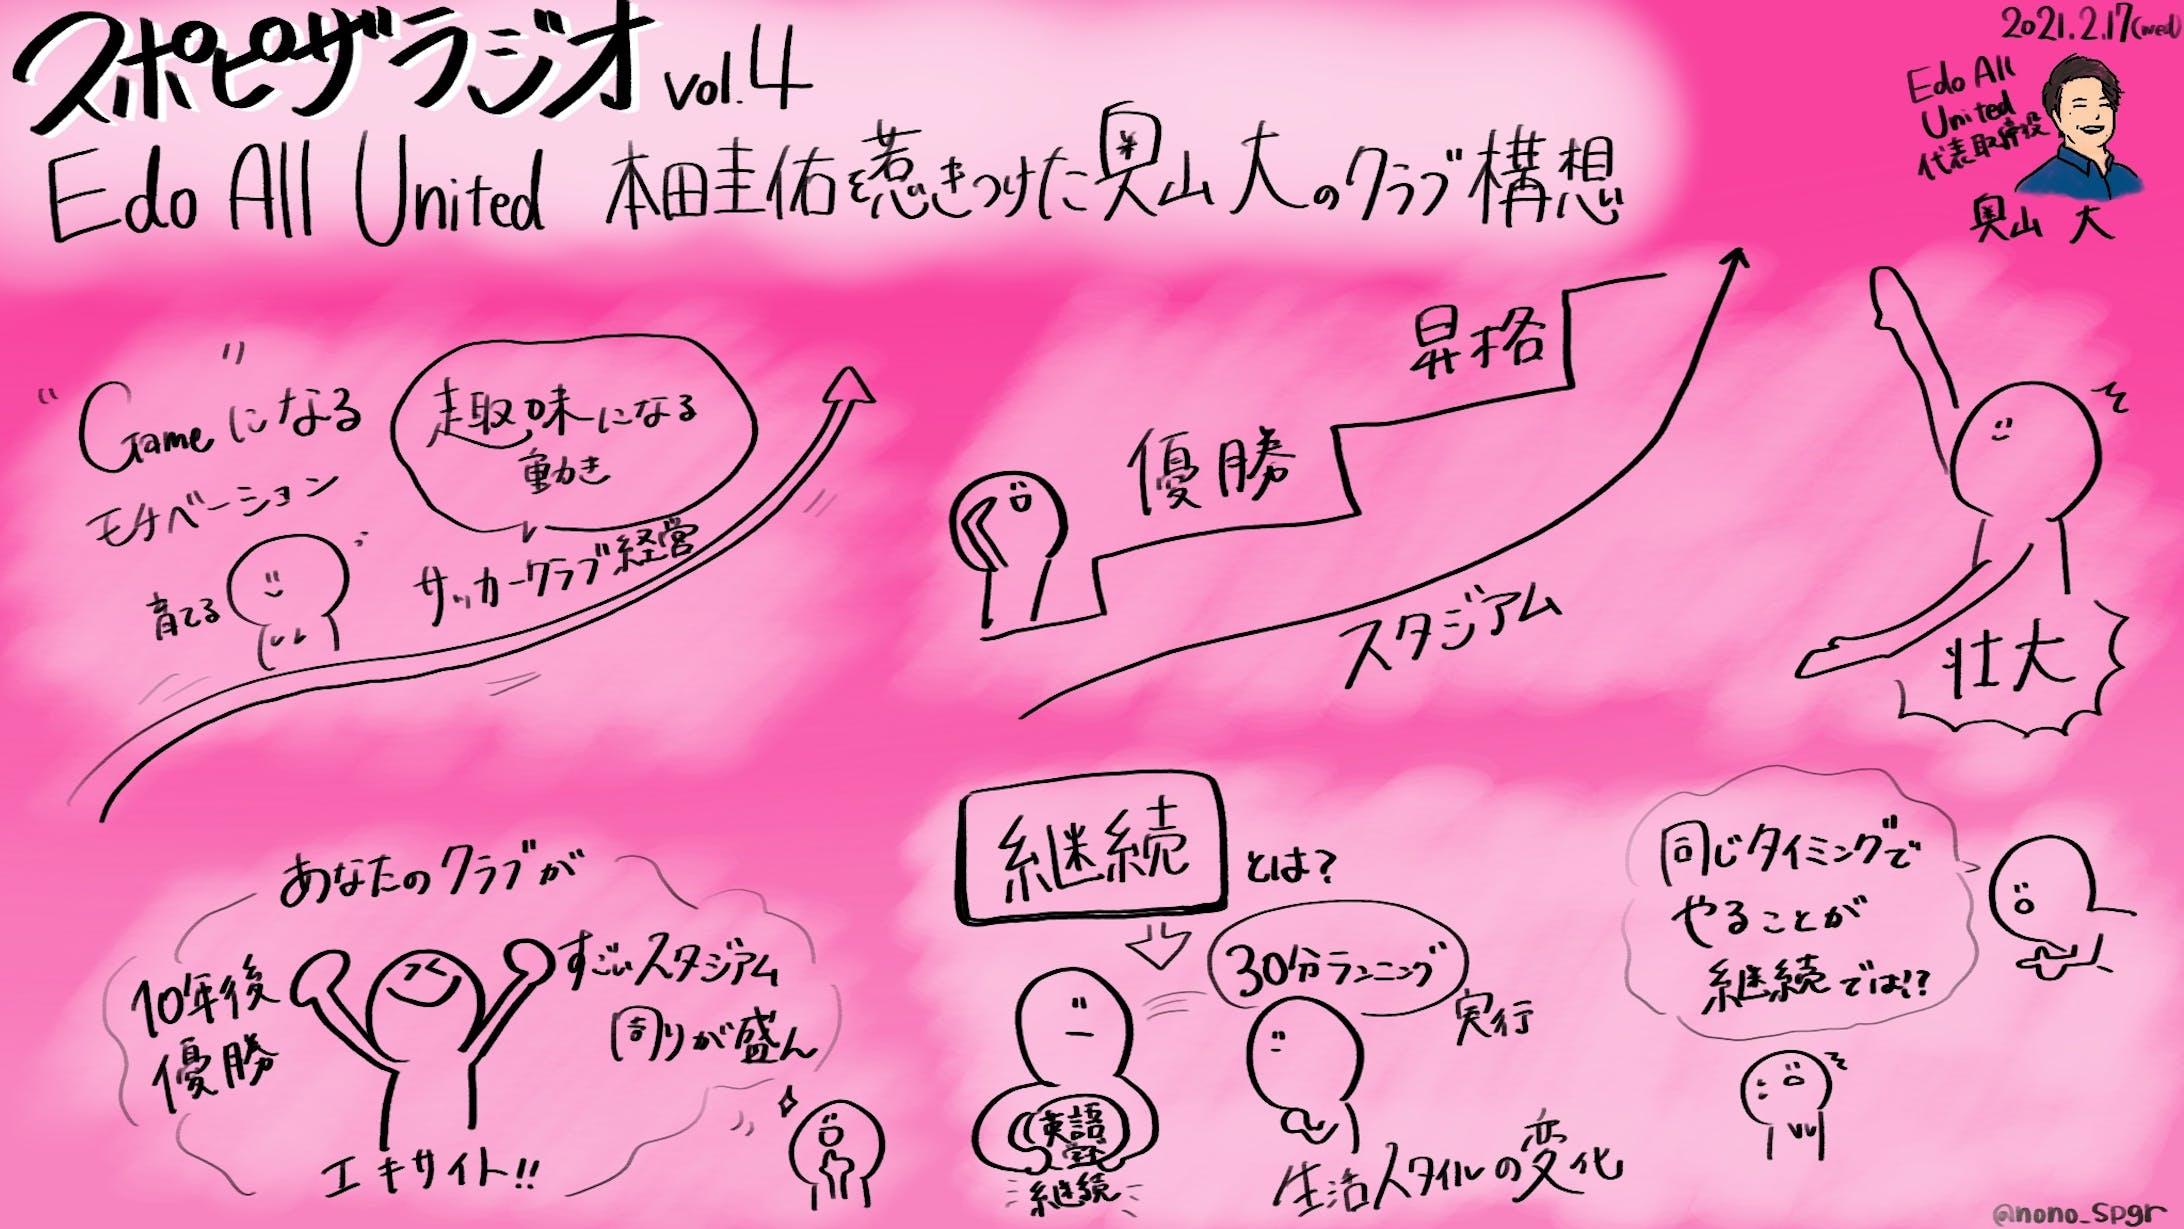 スポピザラジオ vol.4『Edo All United 本田圭佑を惹きつけた奥山大のクラブ構想』奥山 大氏-1